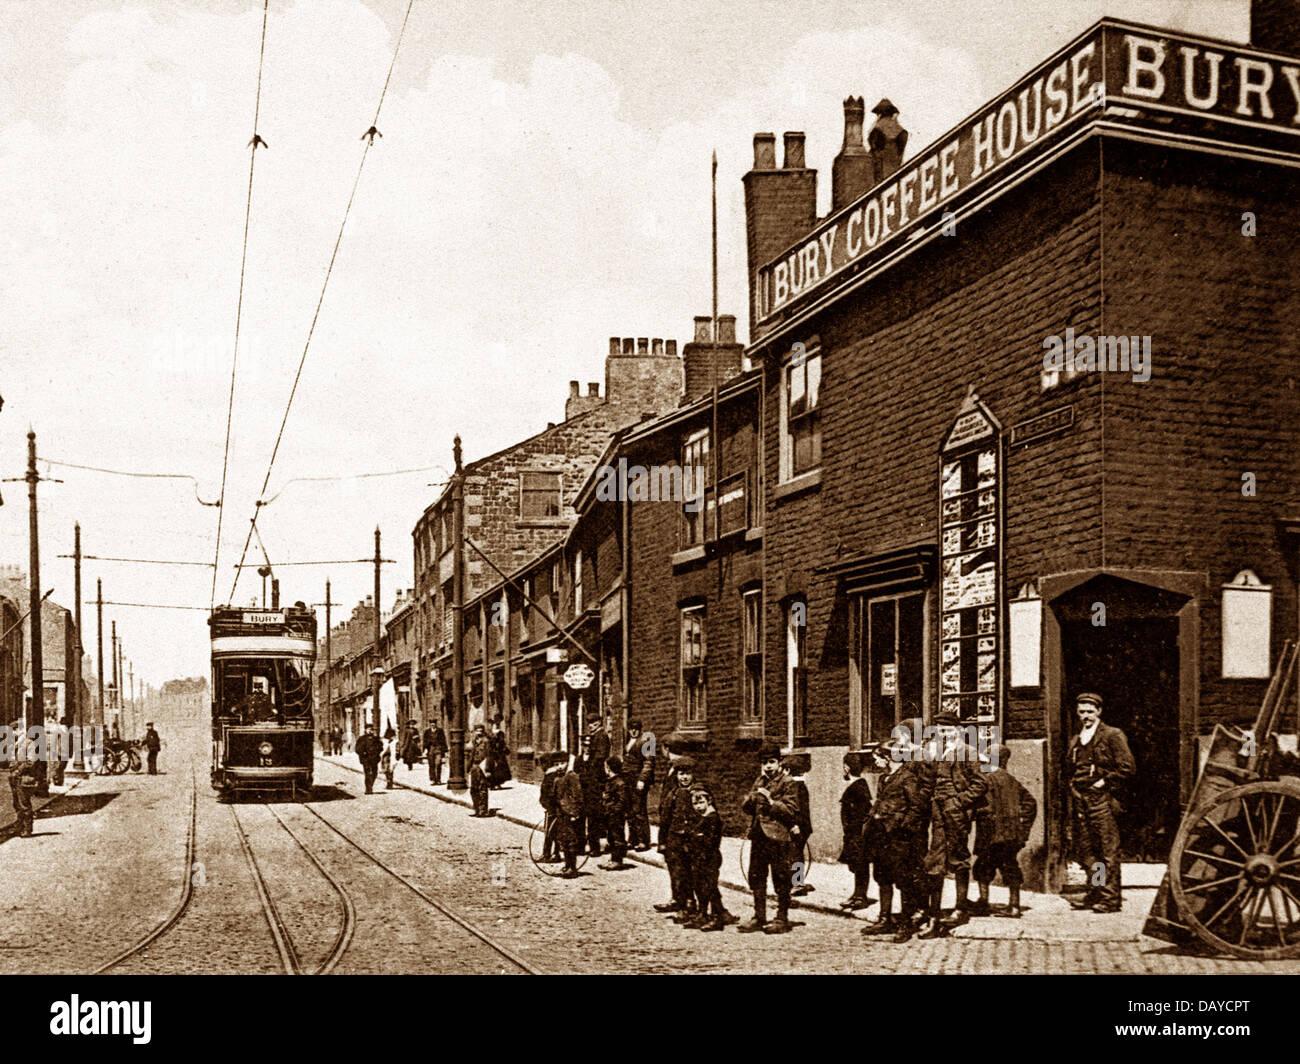 Bury Walmersley Road early 1900s - Stock Image